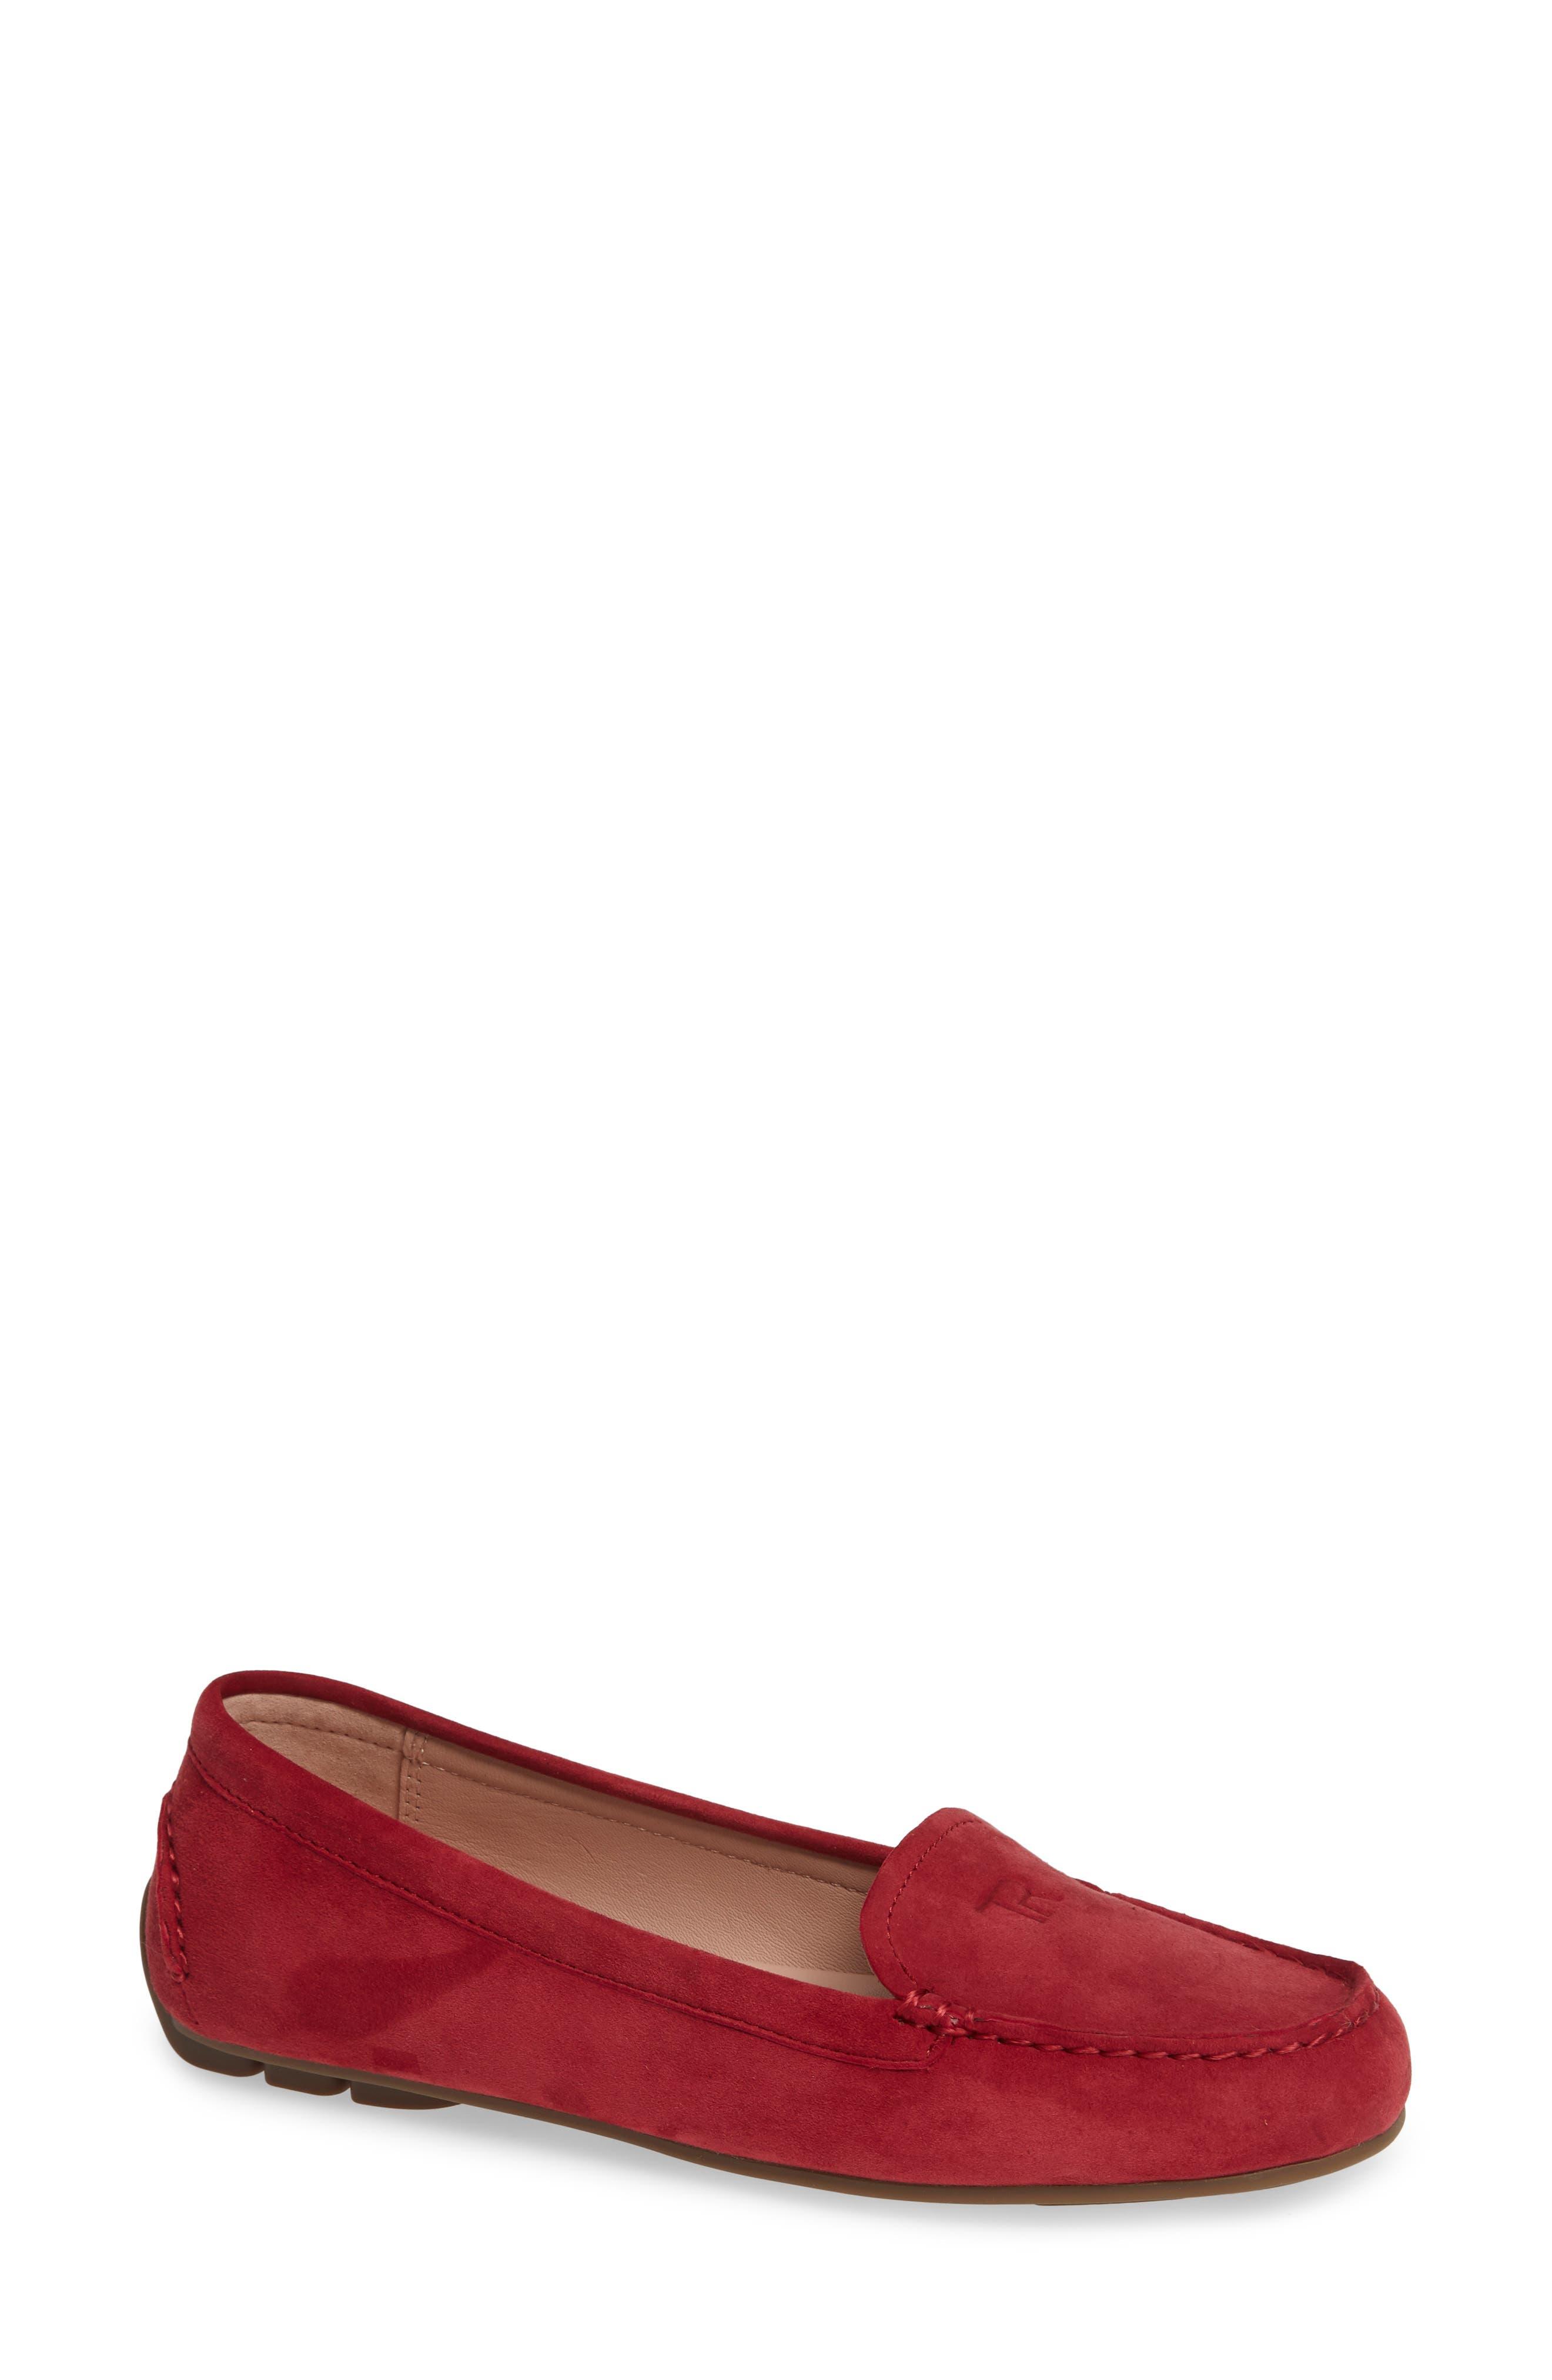 TARYN ROSE Karen Water Resistant Driving Loafer, Main, color, 602